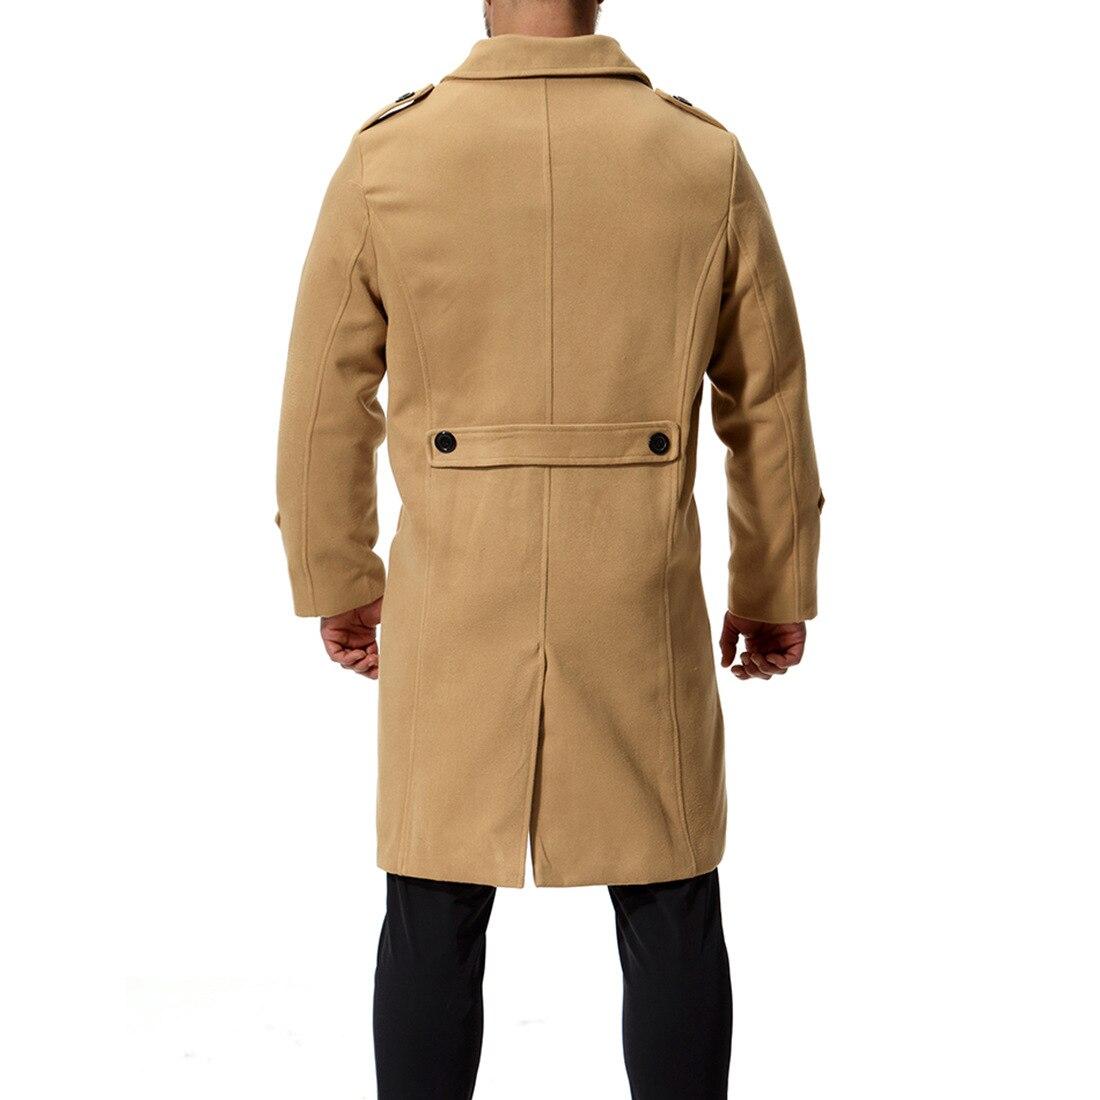 Collar Poitrine Manteau Turn Blousons Noir Tranchée Unique Nz687 Homme Veste Automne down ardoisé kaki Hommes Long Casual y08vNwOmn